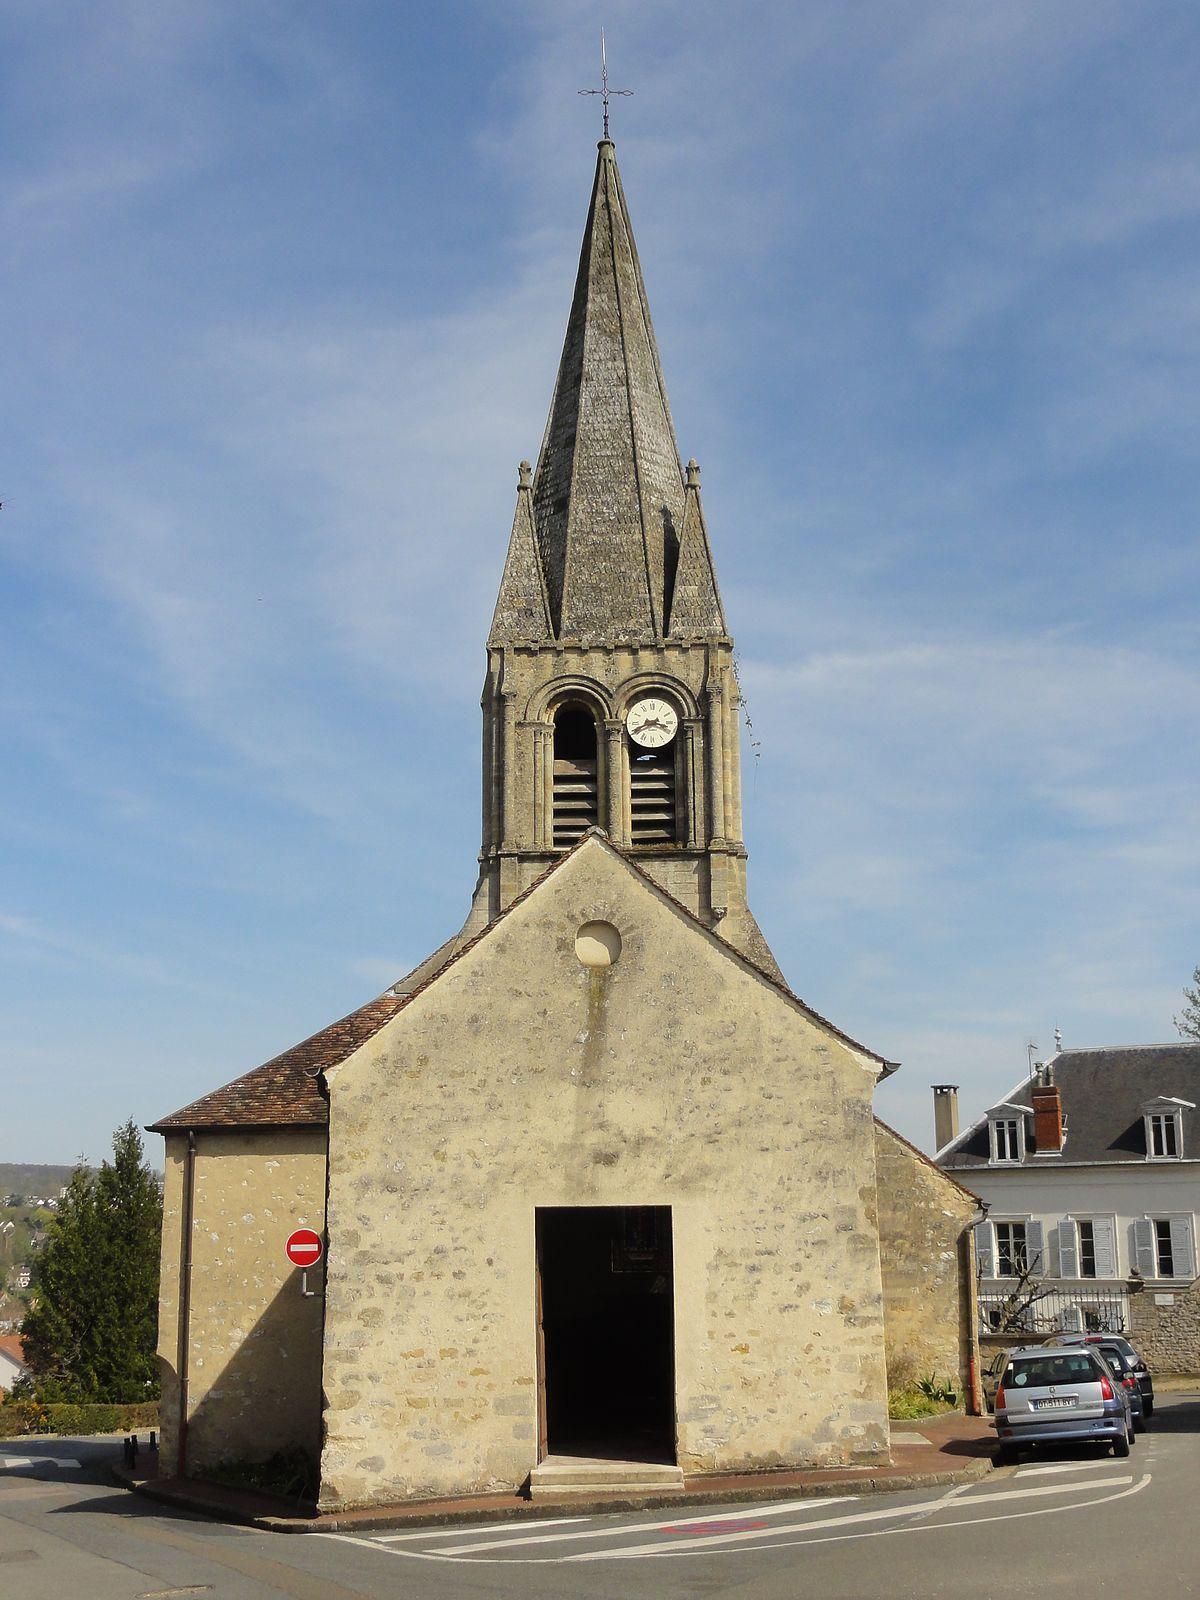 sofascore paris saint germain chair and sofa covers Église de d 39hardricourt  wikipédia